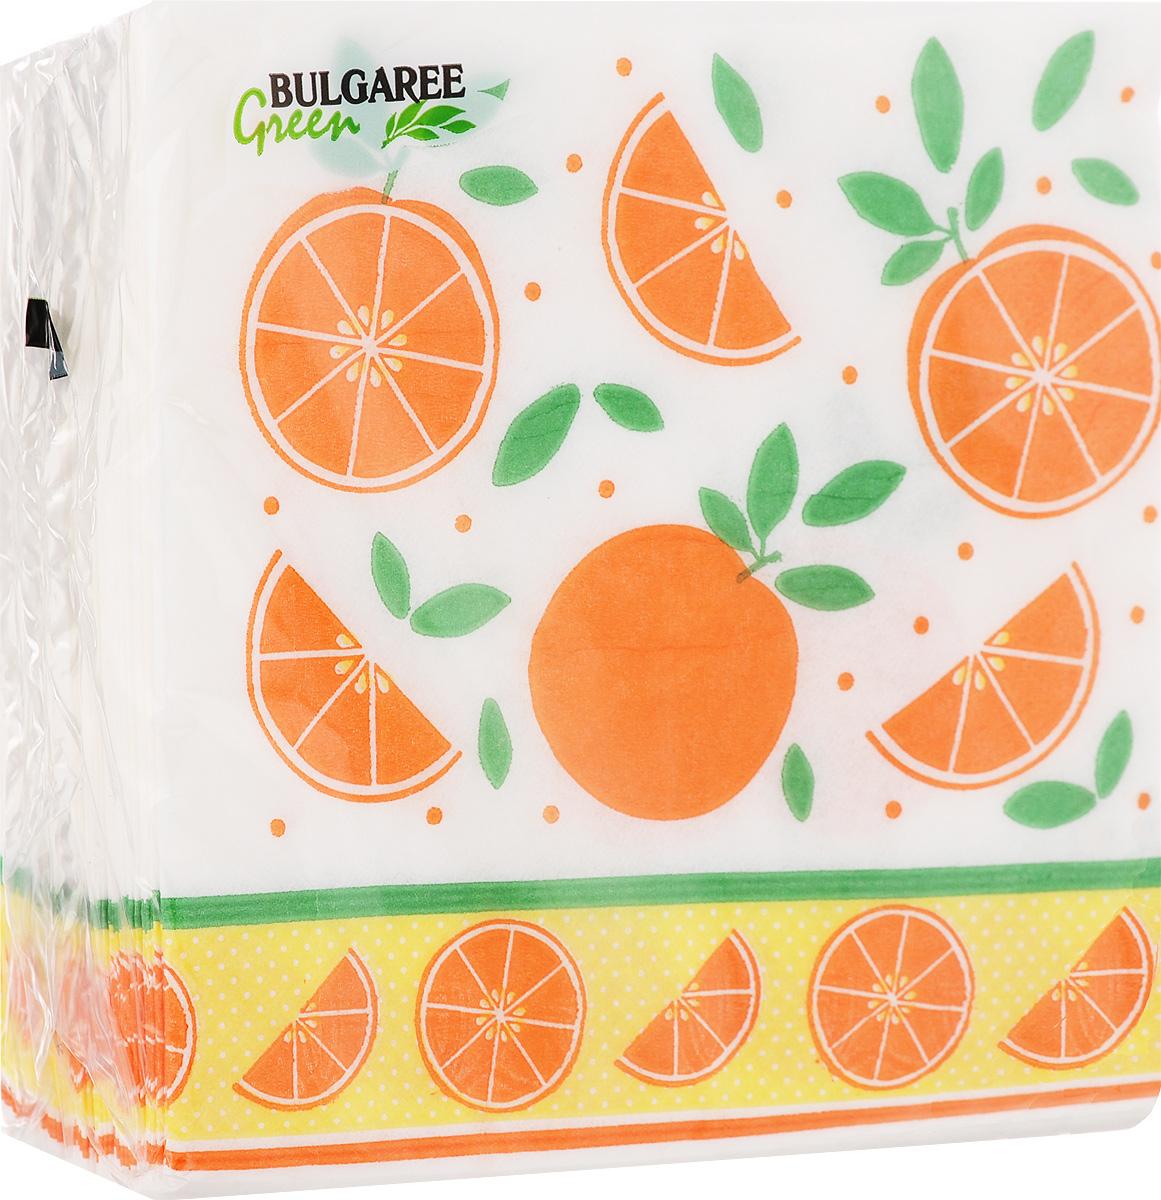 Салфетки бумажные Bulgaree Green Апельсины, однослойные, 24 х 24 см, 100 шт101620_АпельсиныДекоративные однослойные салфетки Bulgaree Green Апельсины выполнены из 100% целлюлозы европейского качества и оформлены ярким рисунком. Изделия станут отличным дополнением любого праздничного стола. Они отличаются необычной мягкостью, прочностью и оригинальностью. Размер салфеток в развернутом виде: 24 х 24 см.